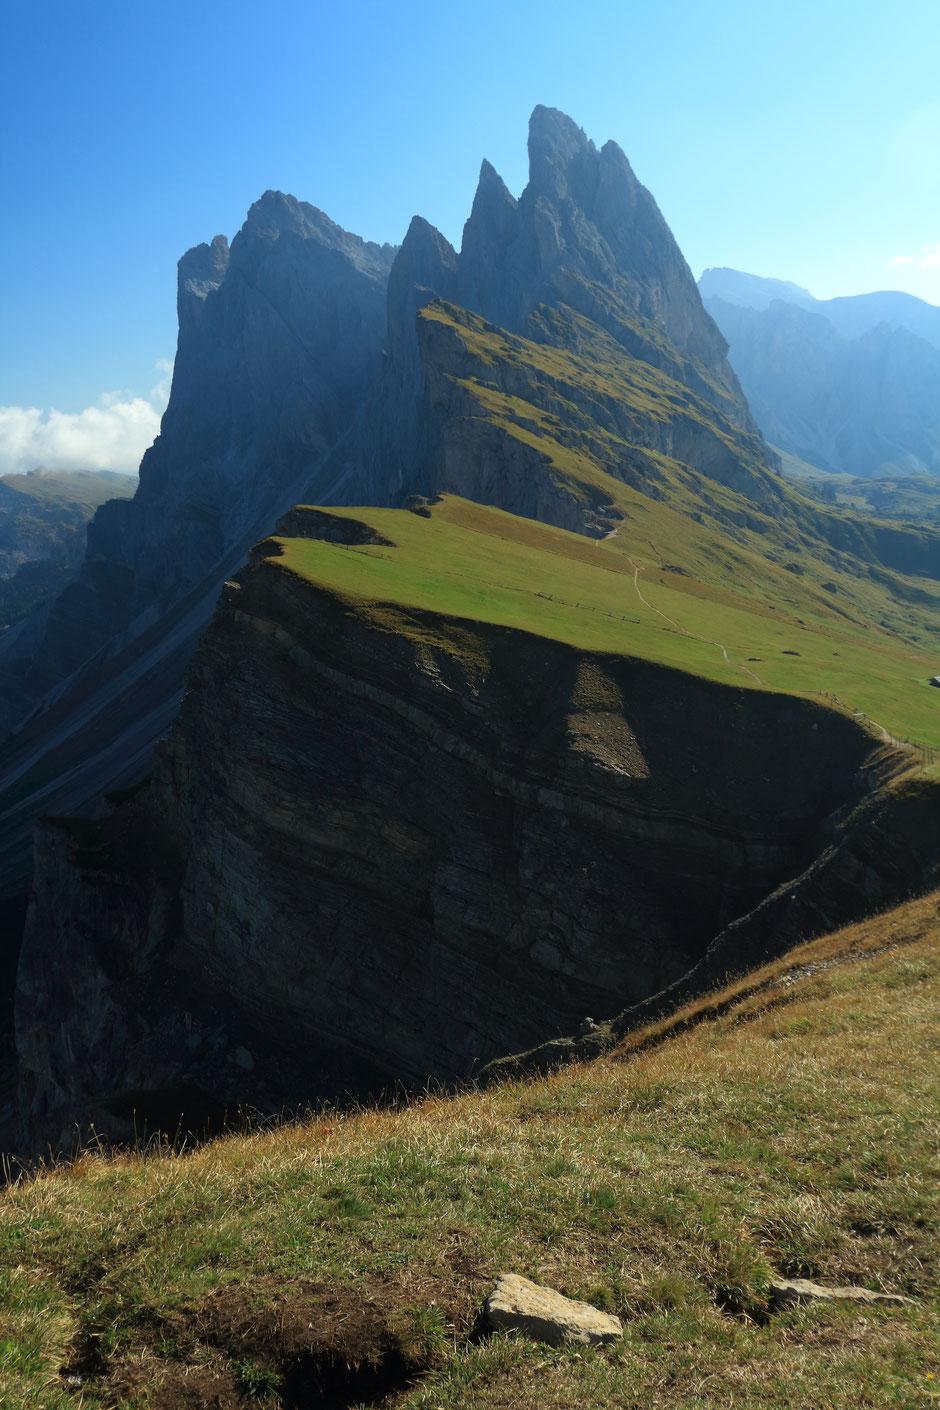 Road trip dans les Dolomites (ITALIE), Seceda. www.missaventure.com blog voyage d'aventures nature et photos